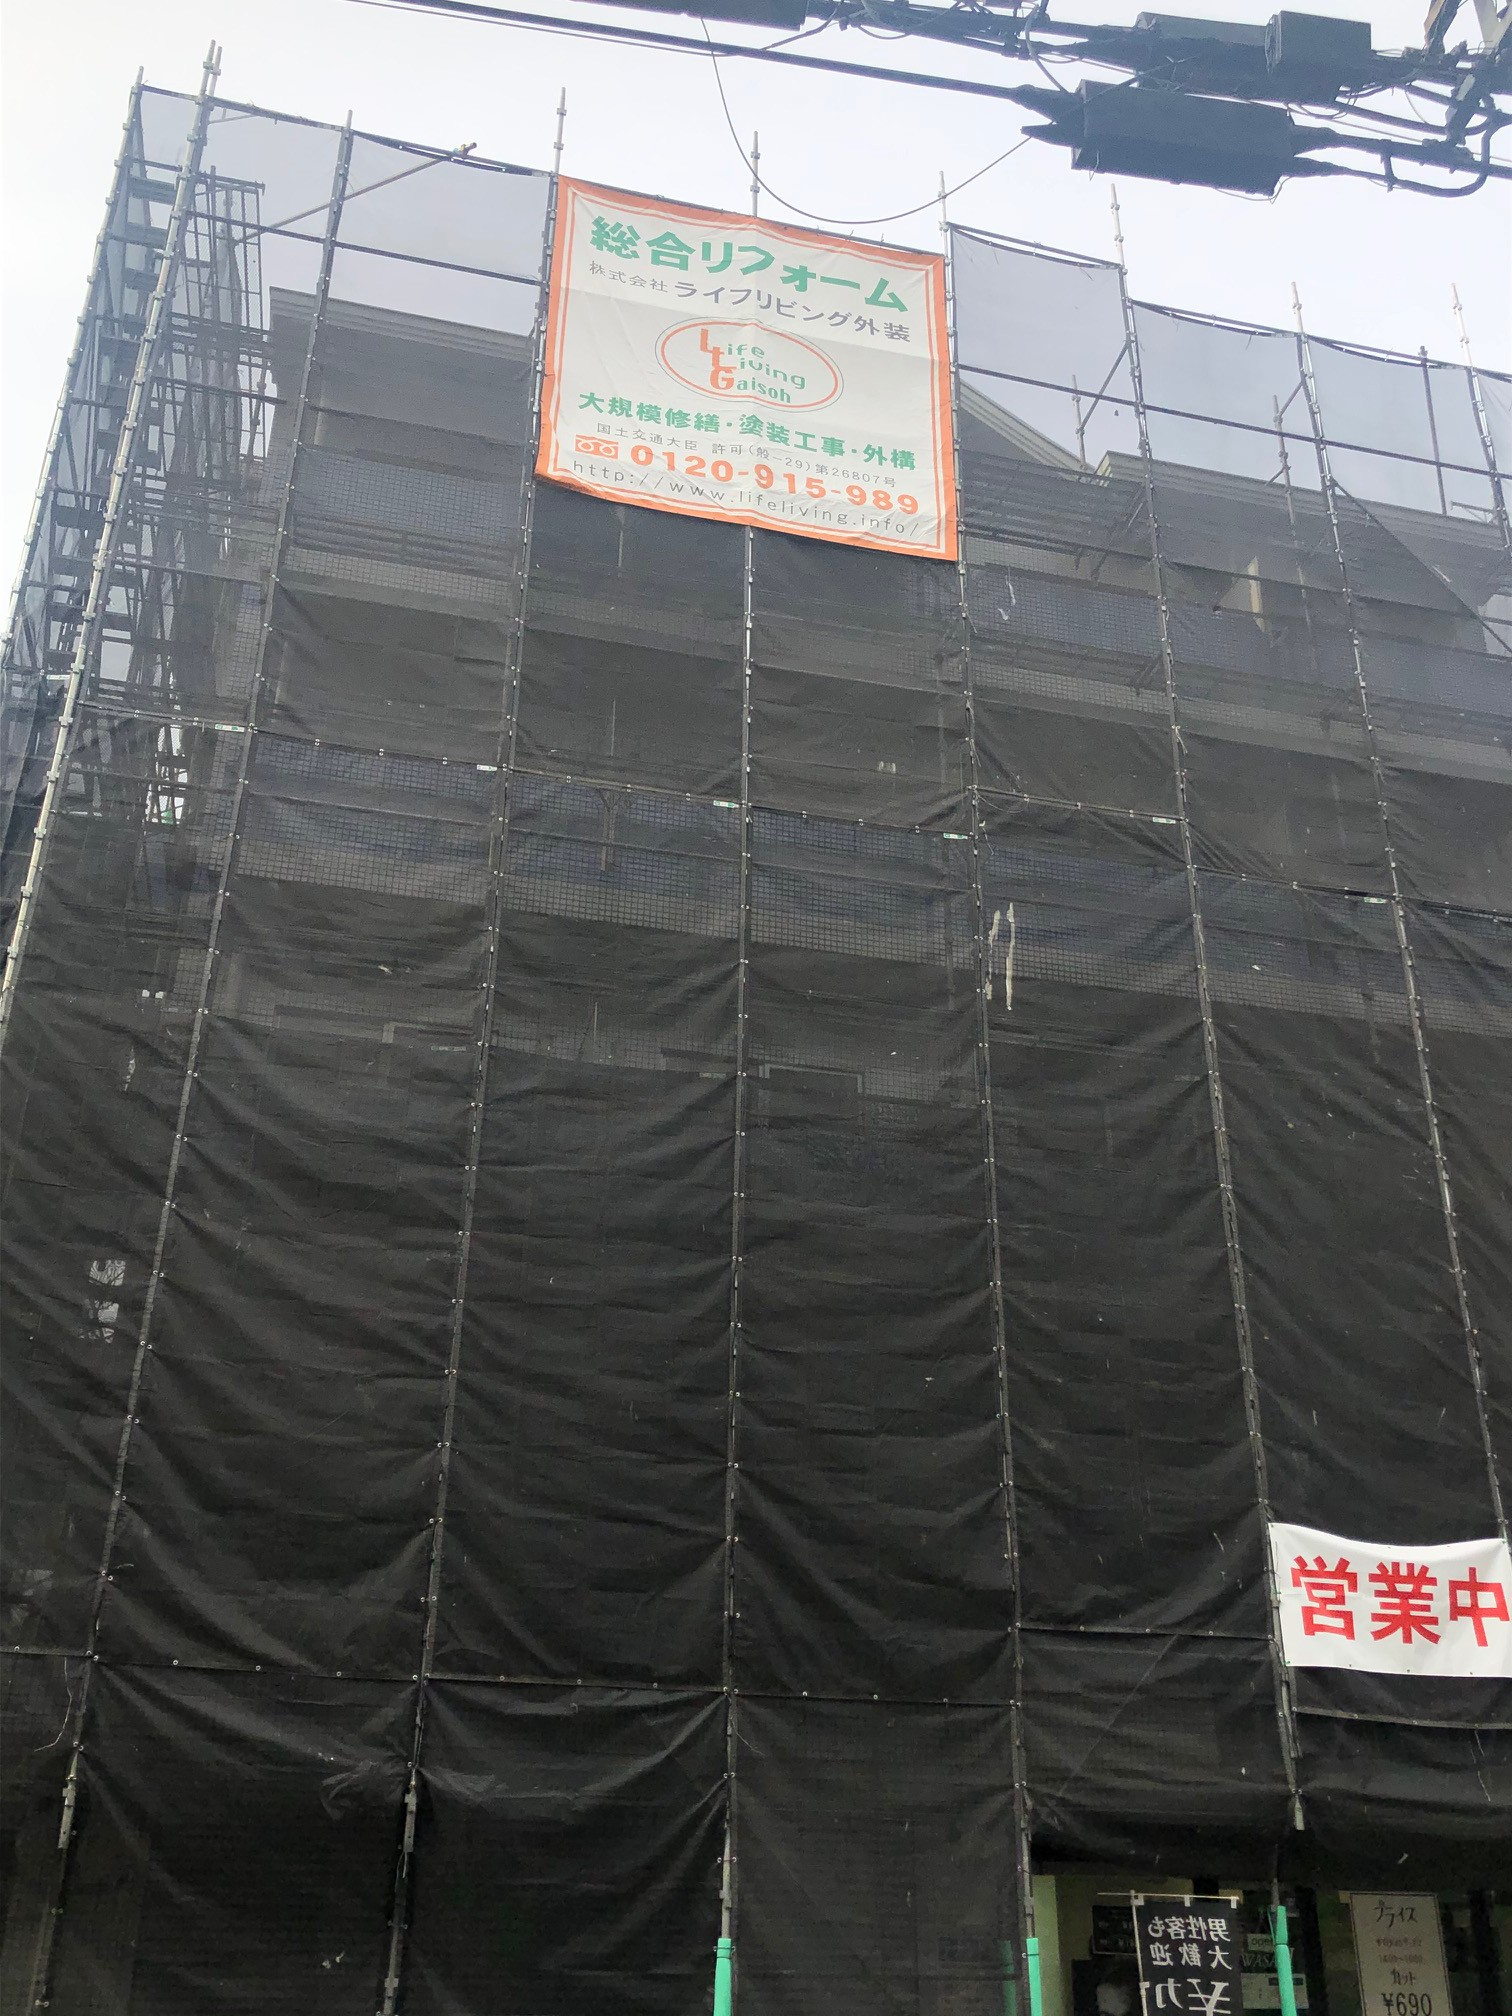 大規模修繕に伴う外装工事 川崎市多摩区の5階建てRマンションにて外装リフォーム施工写真1